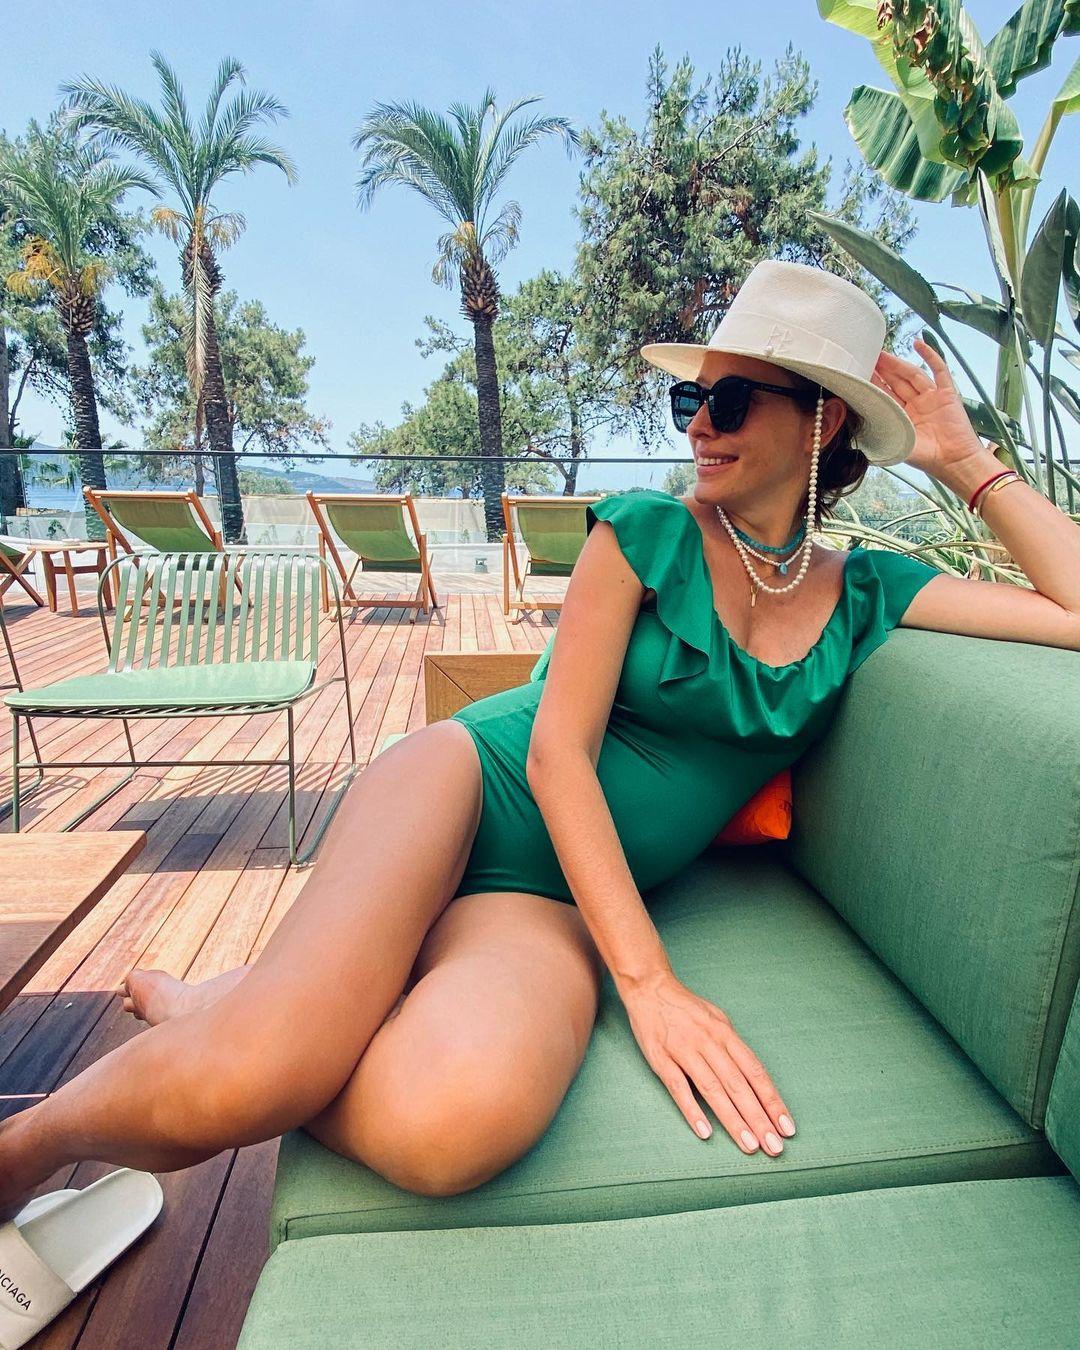 Must have літа: 5 модних купальників у гардеробі світських модниць